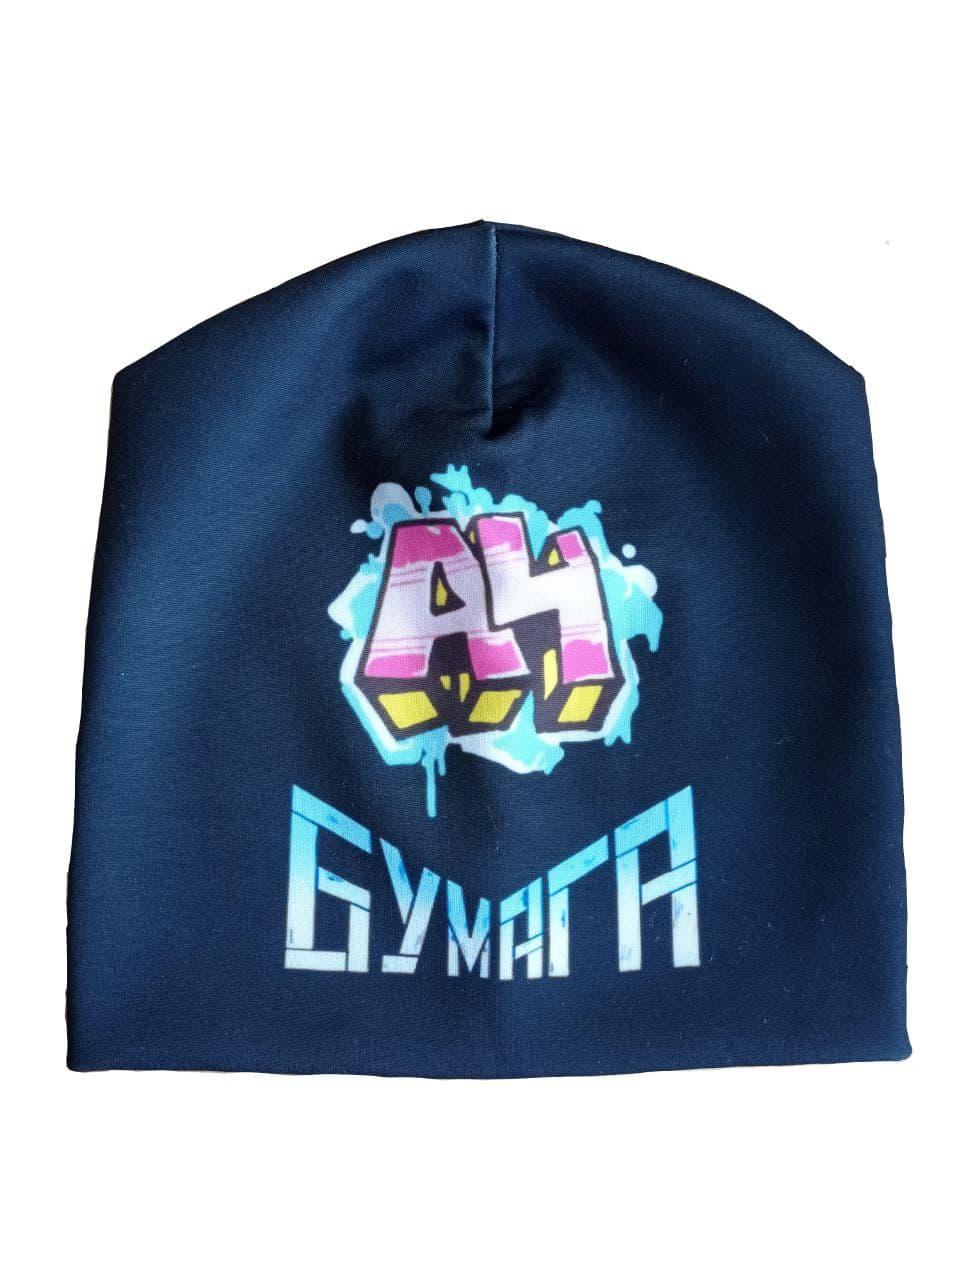 Детская трикотажная шапка МАТЕ Бумага А4, темно-синяя с принтом